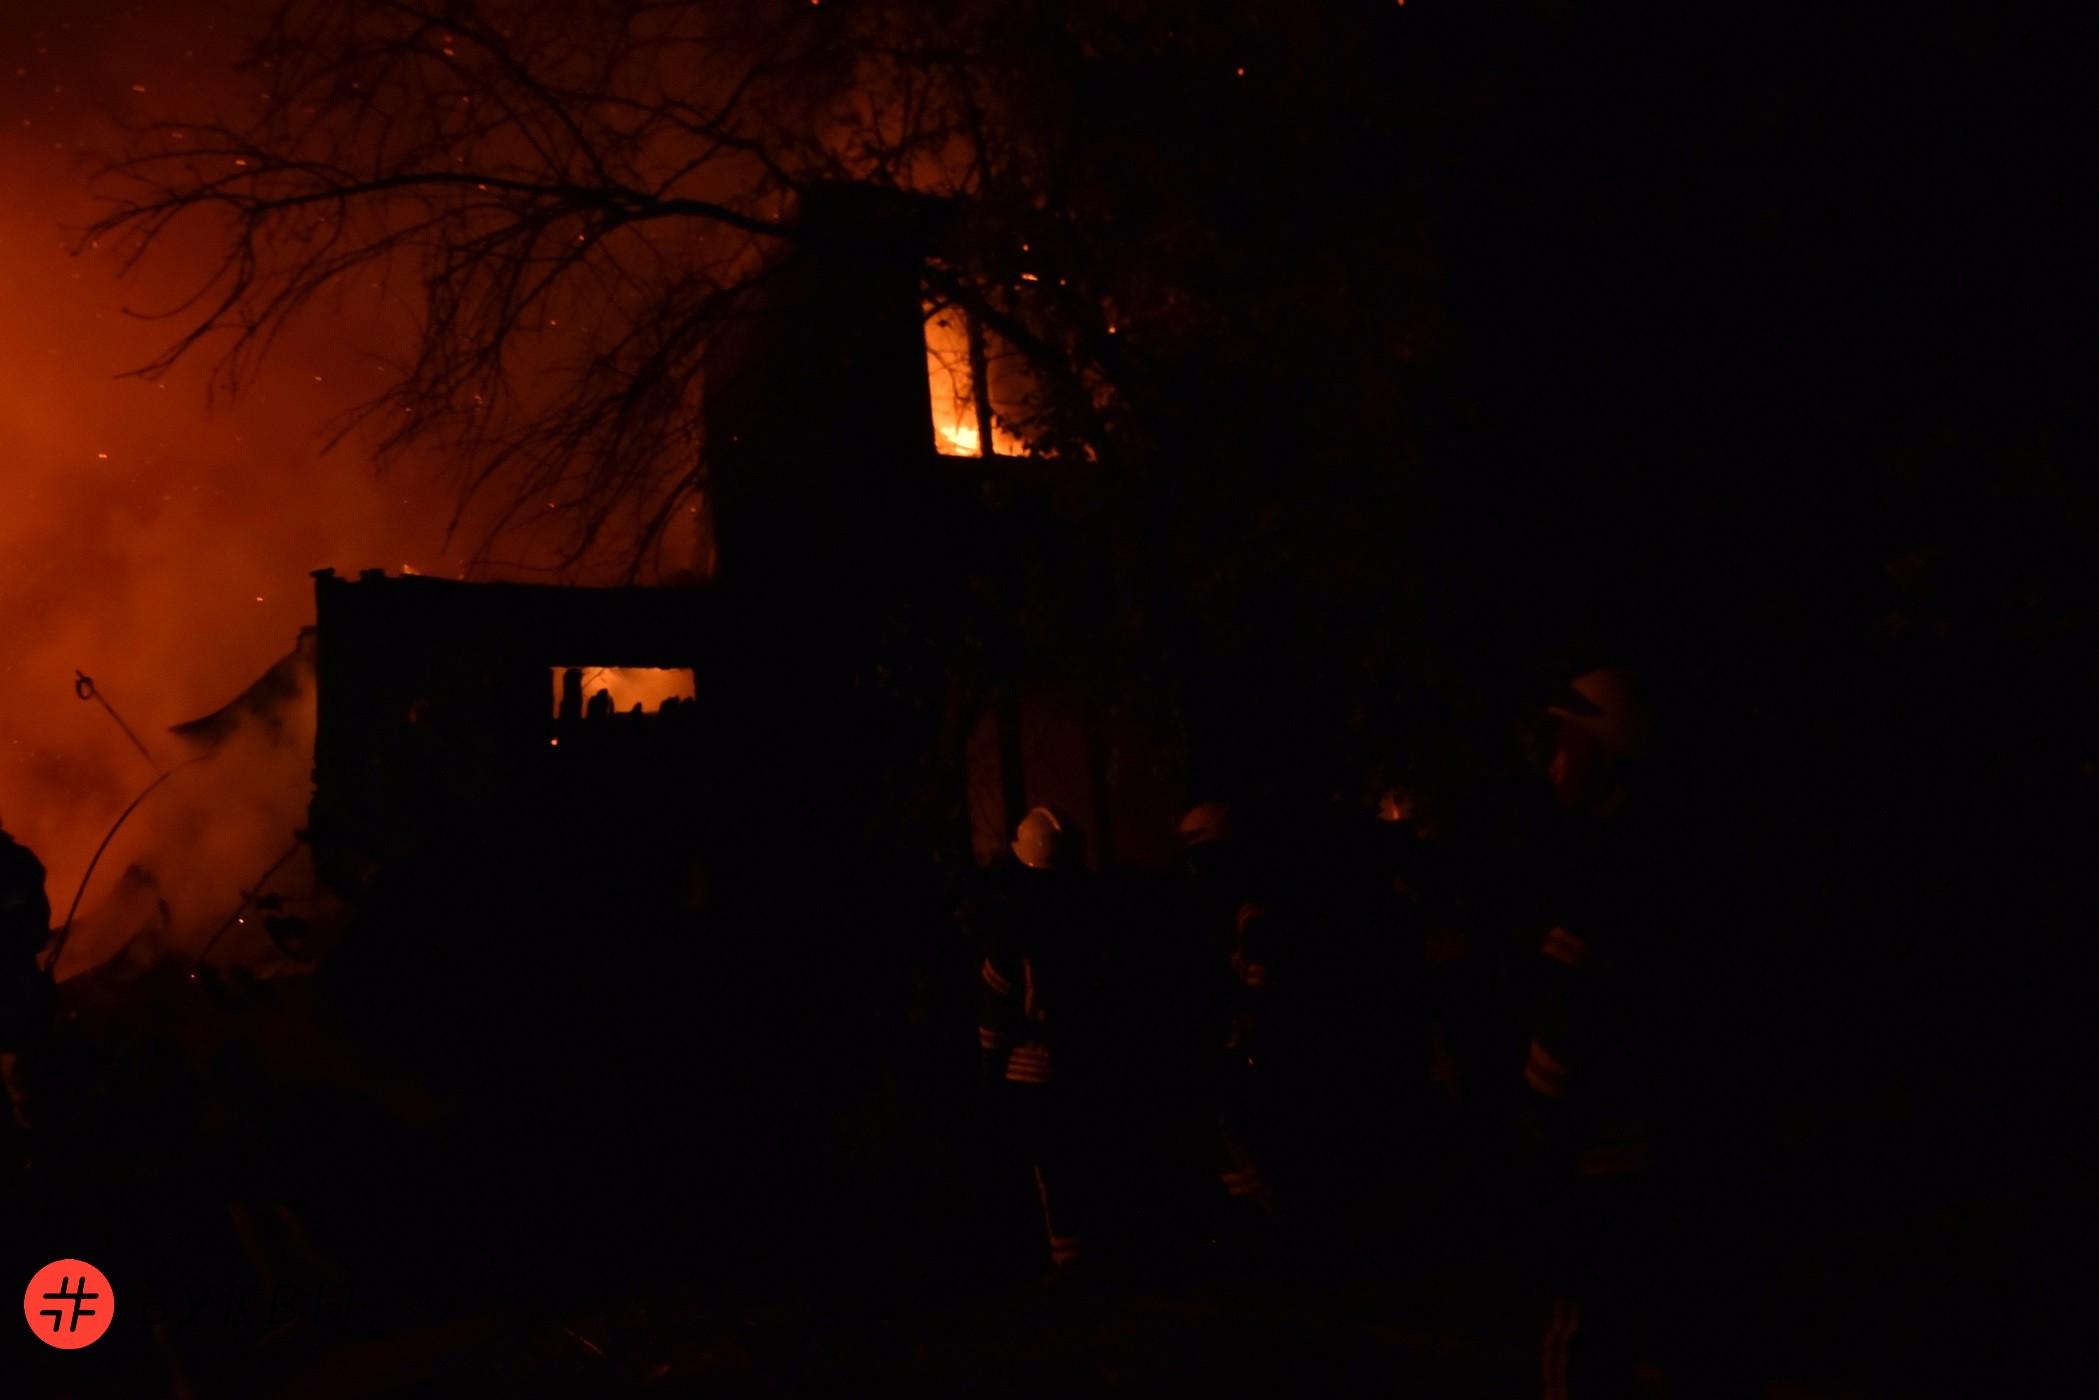 Пожар в санатории_03